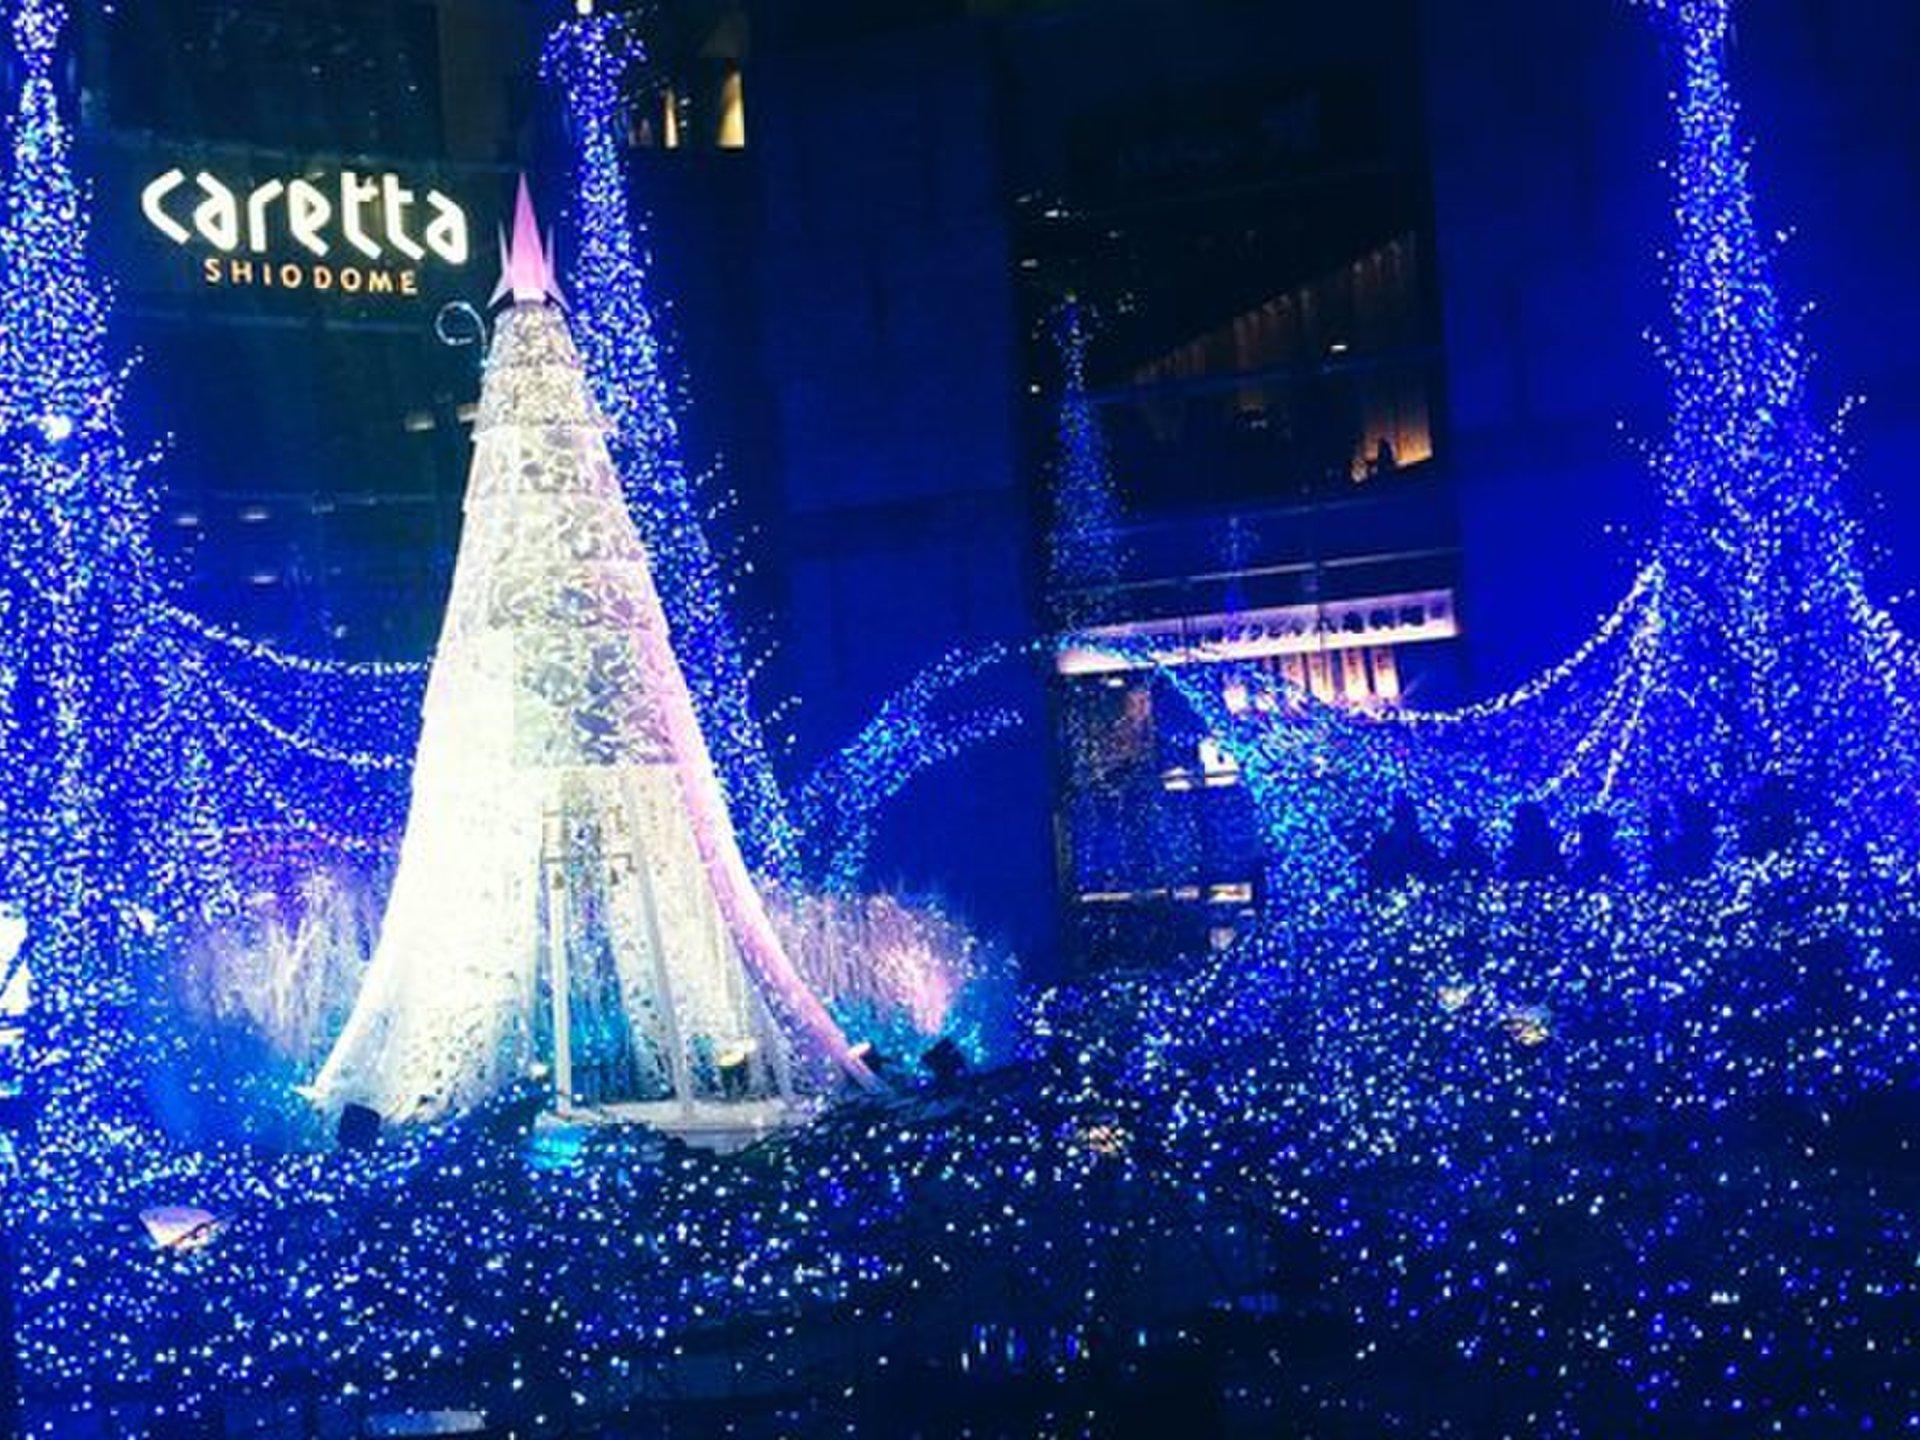 カレッタ汐留 クリスマスディナー&カフェ4選!イルミネーションを見た後は…♡